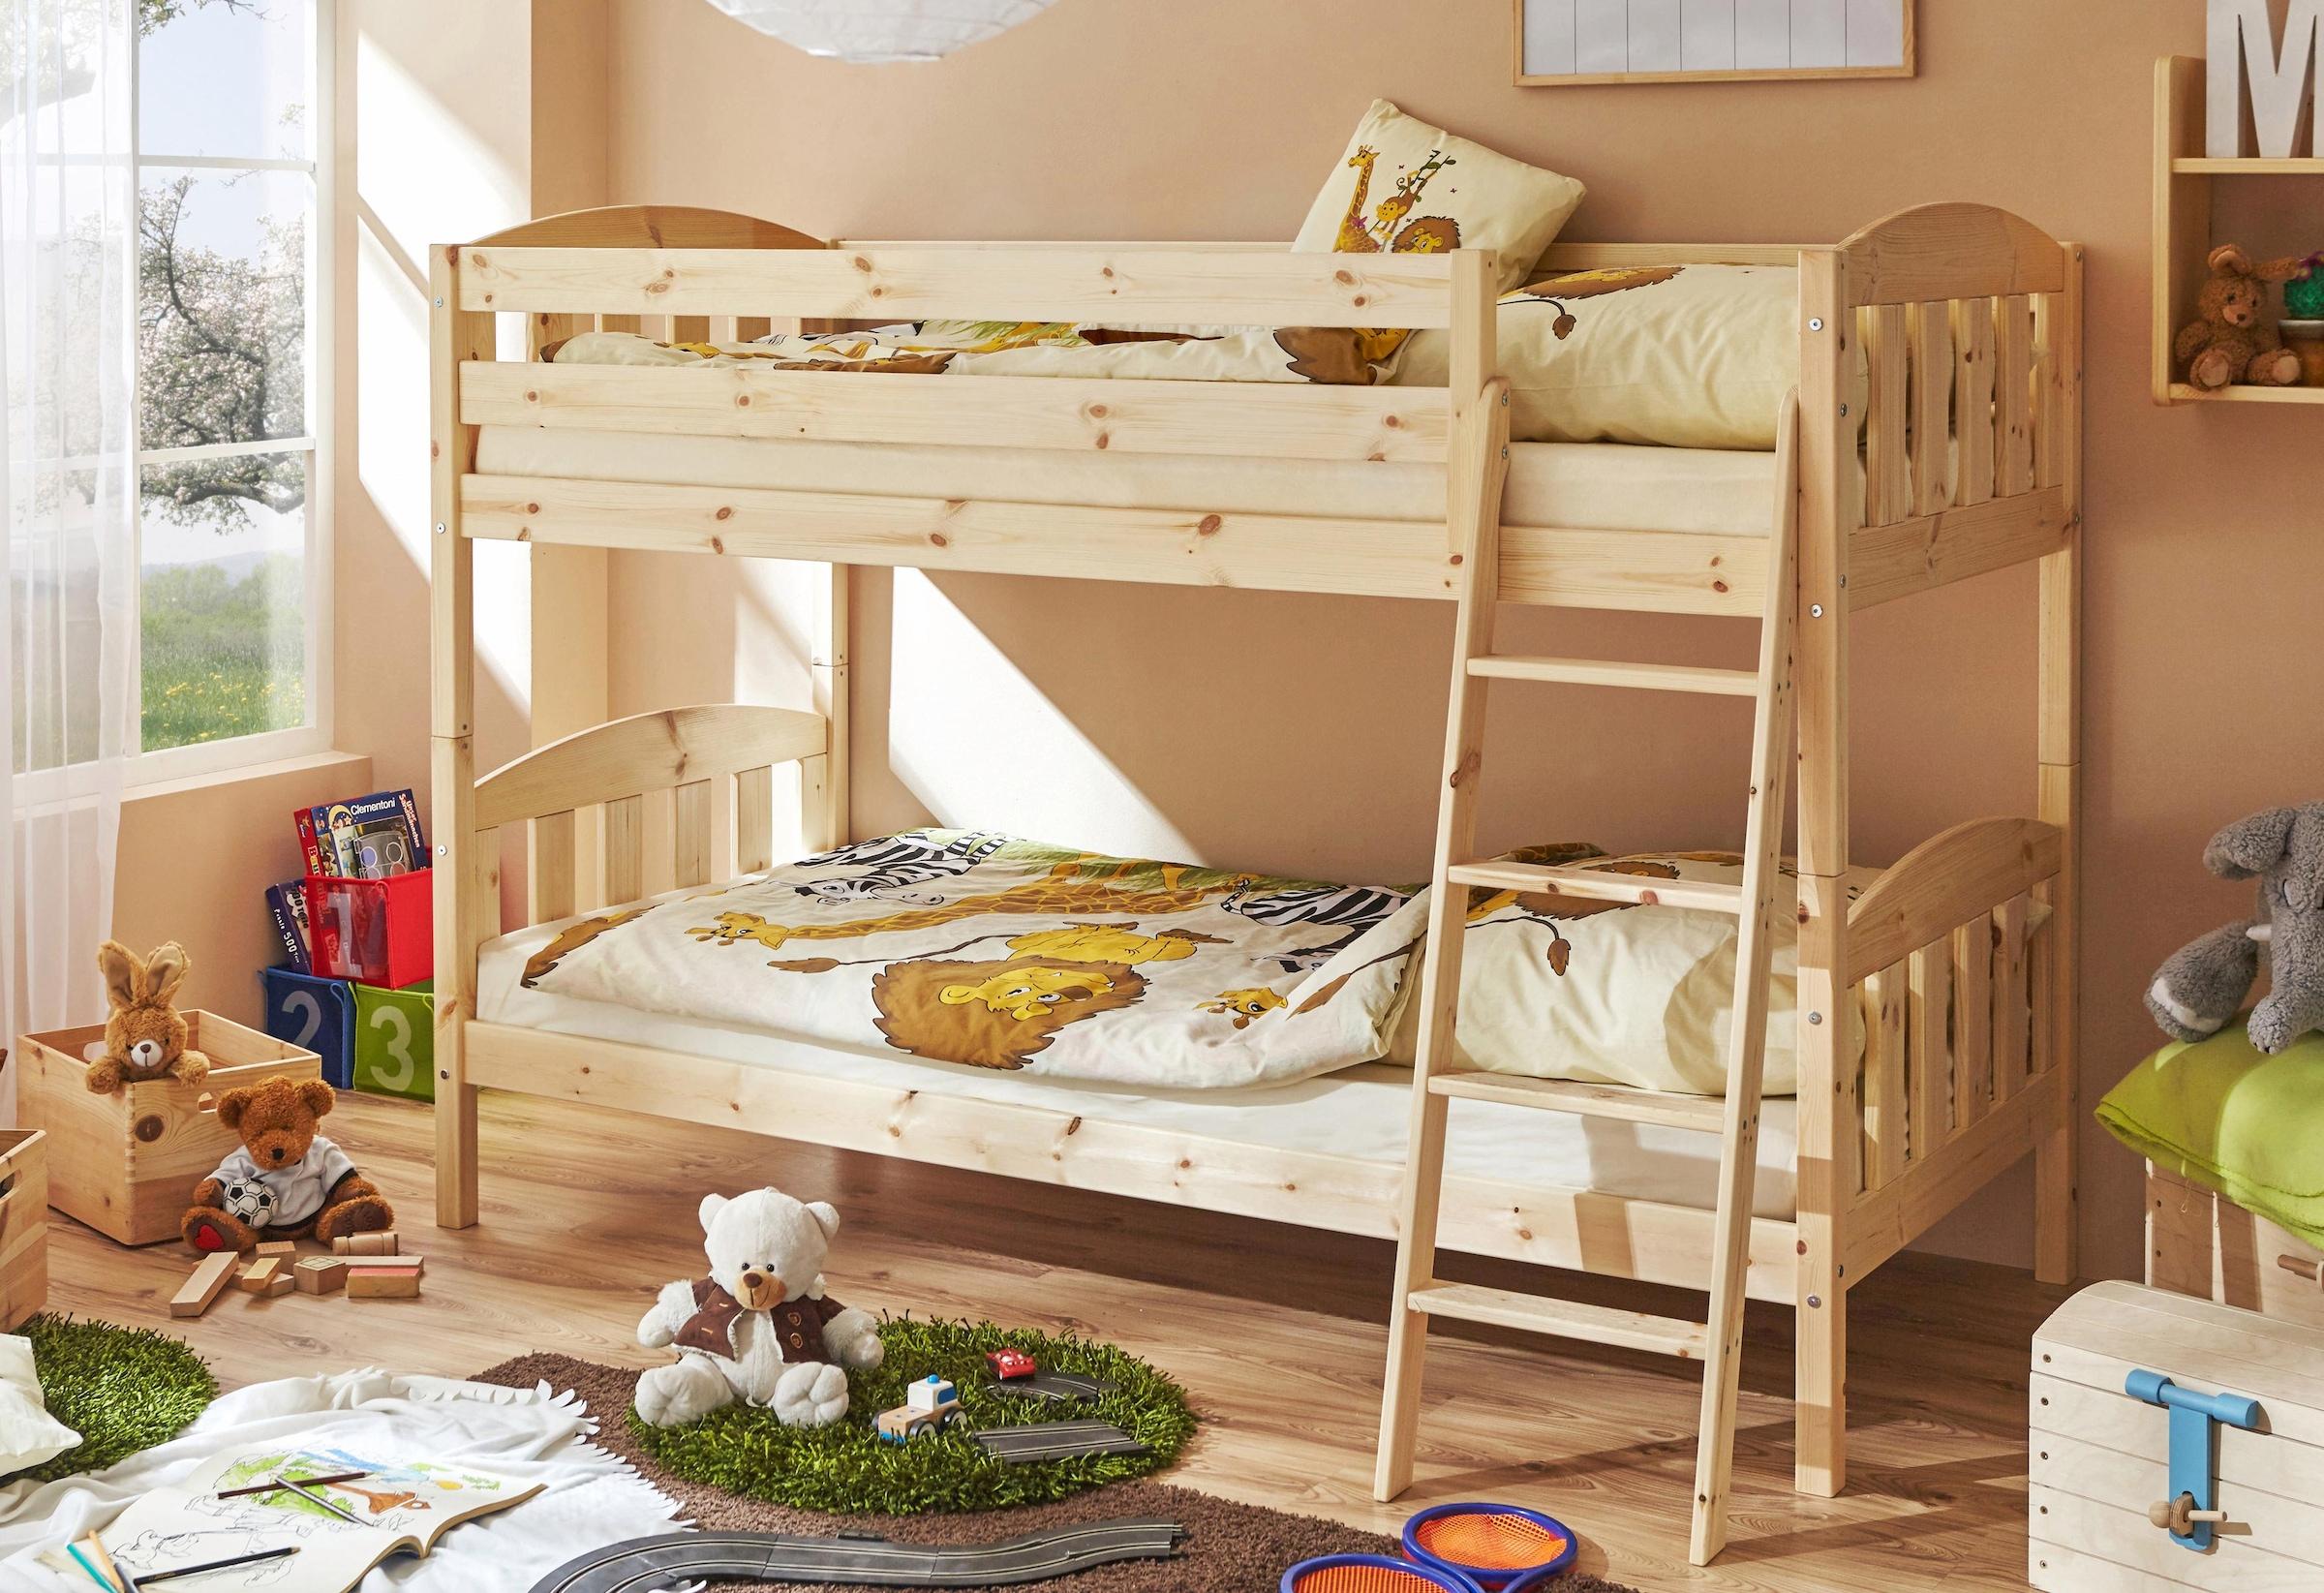 Etagenbett Kiefer Geölt : Infantil infanskids hochbett in kiefer massiv mit schreibplatte